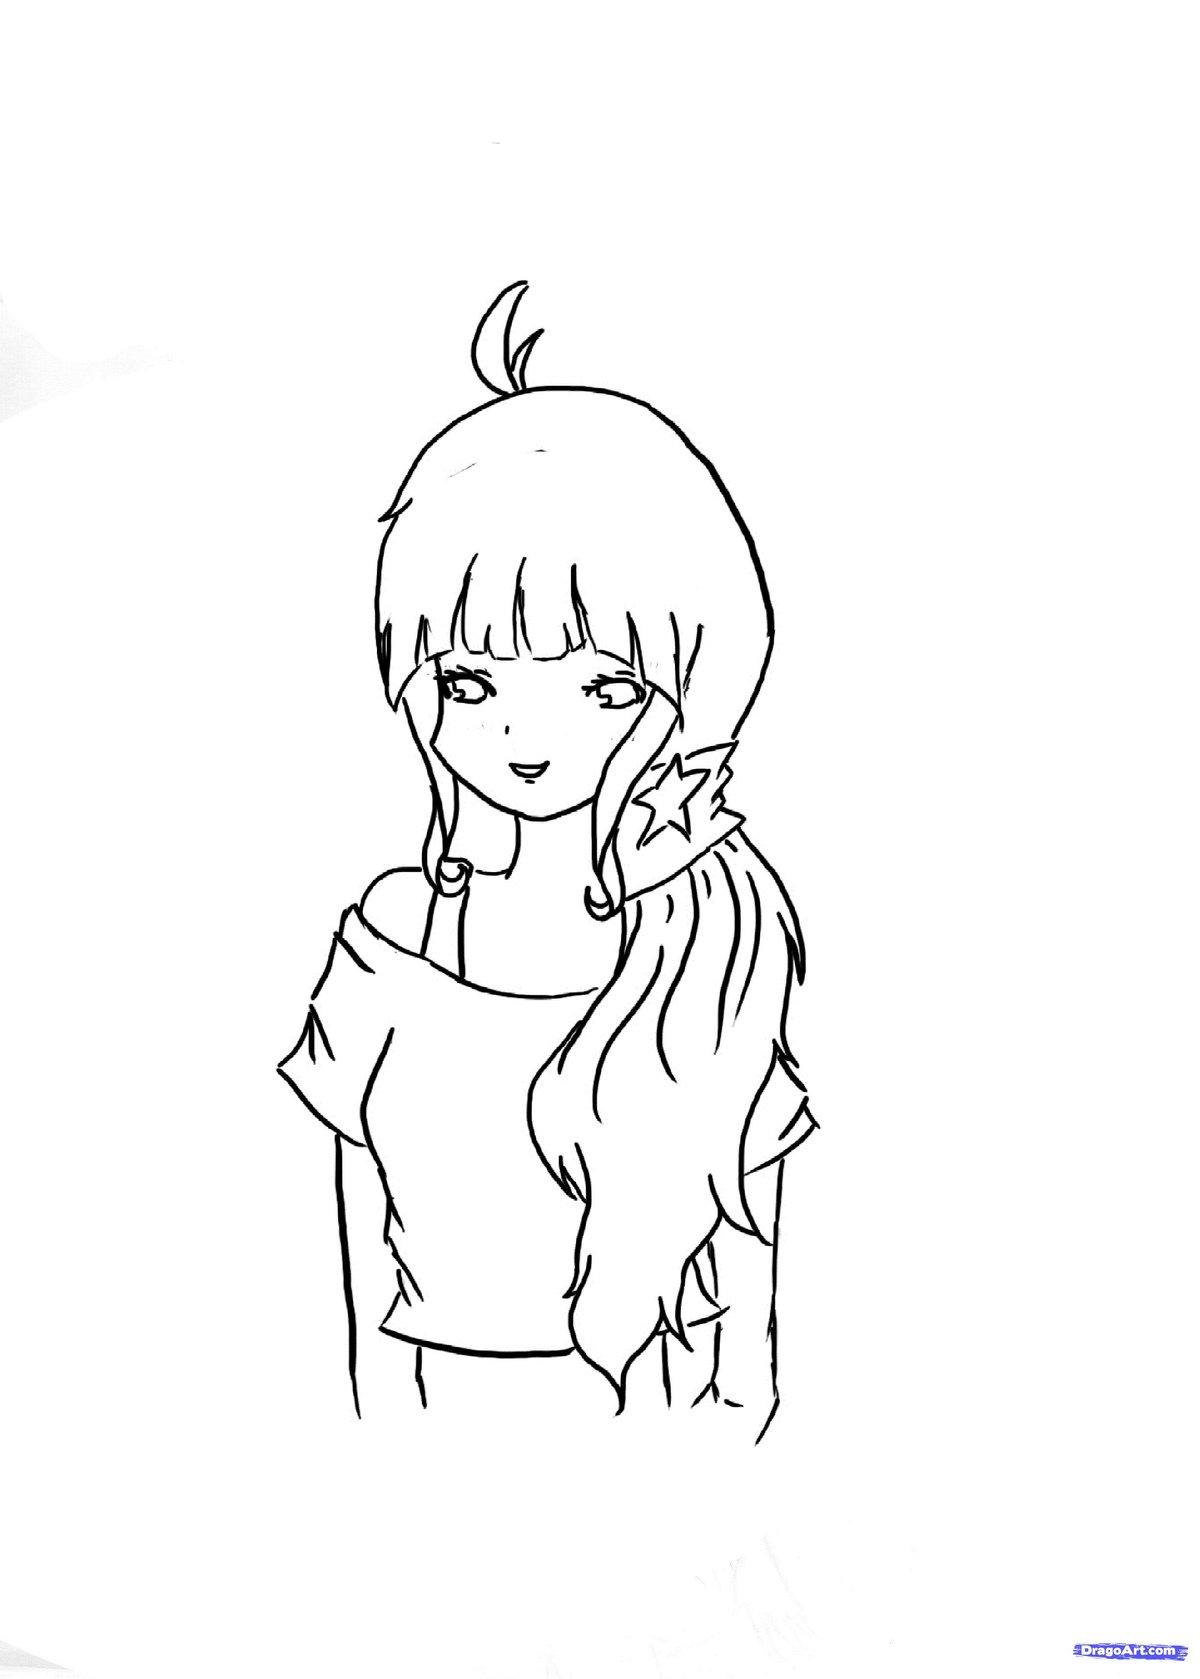 Легкие рисунки карандашом для начинающих прикольные девочки, картинки технику